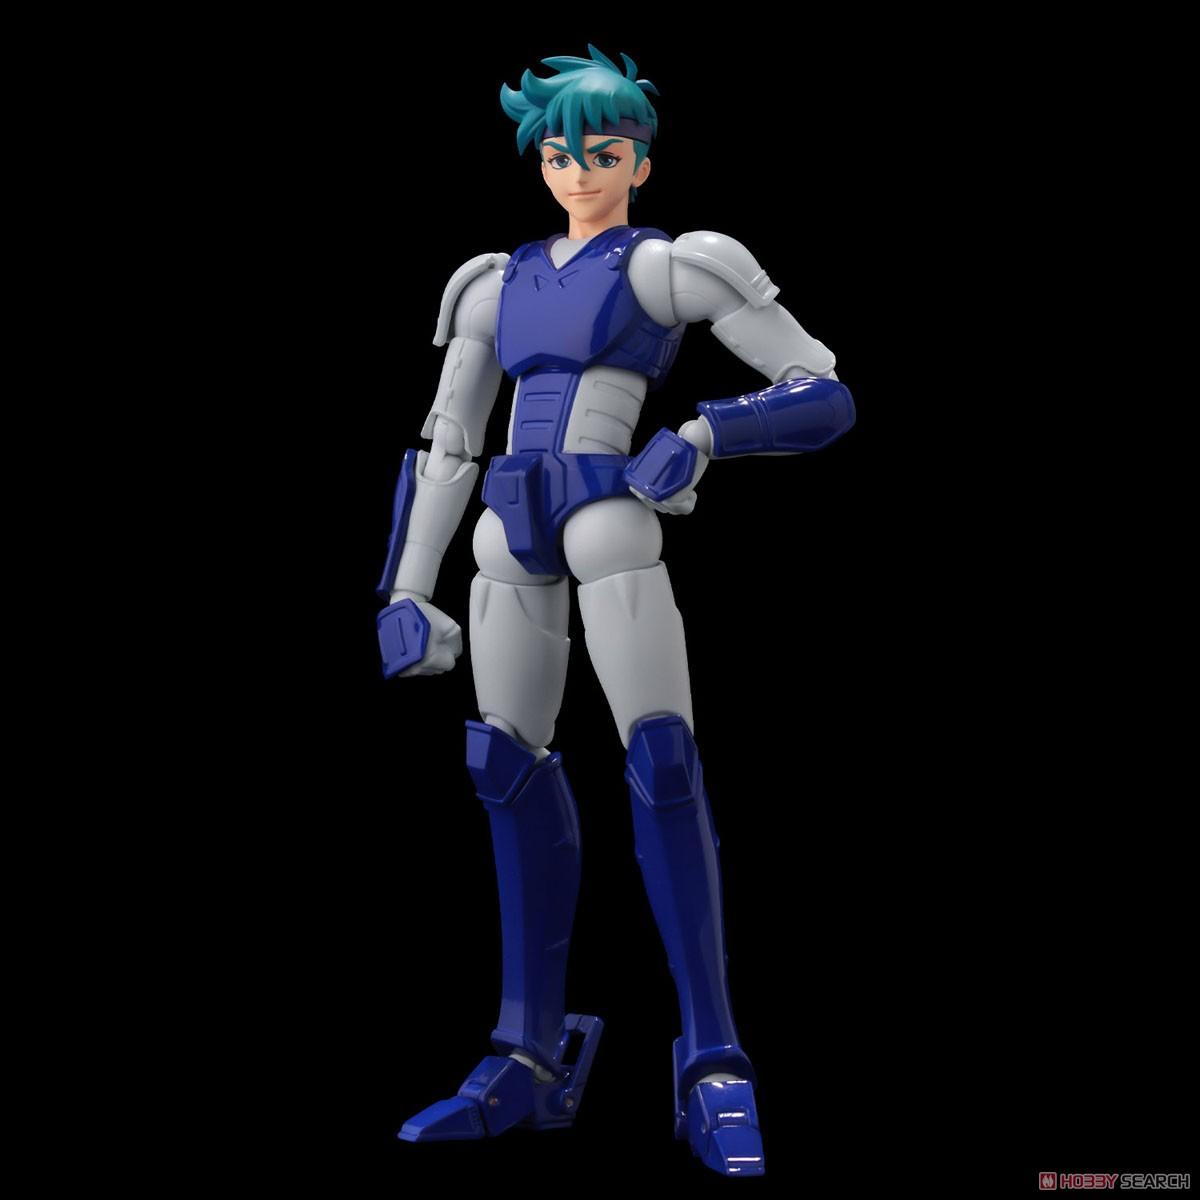 超弾可動『天空のトウマ』鎧伝サムライトルーパー 可動フィギュア-011